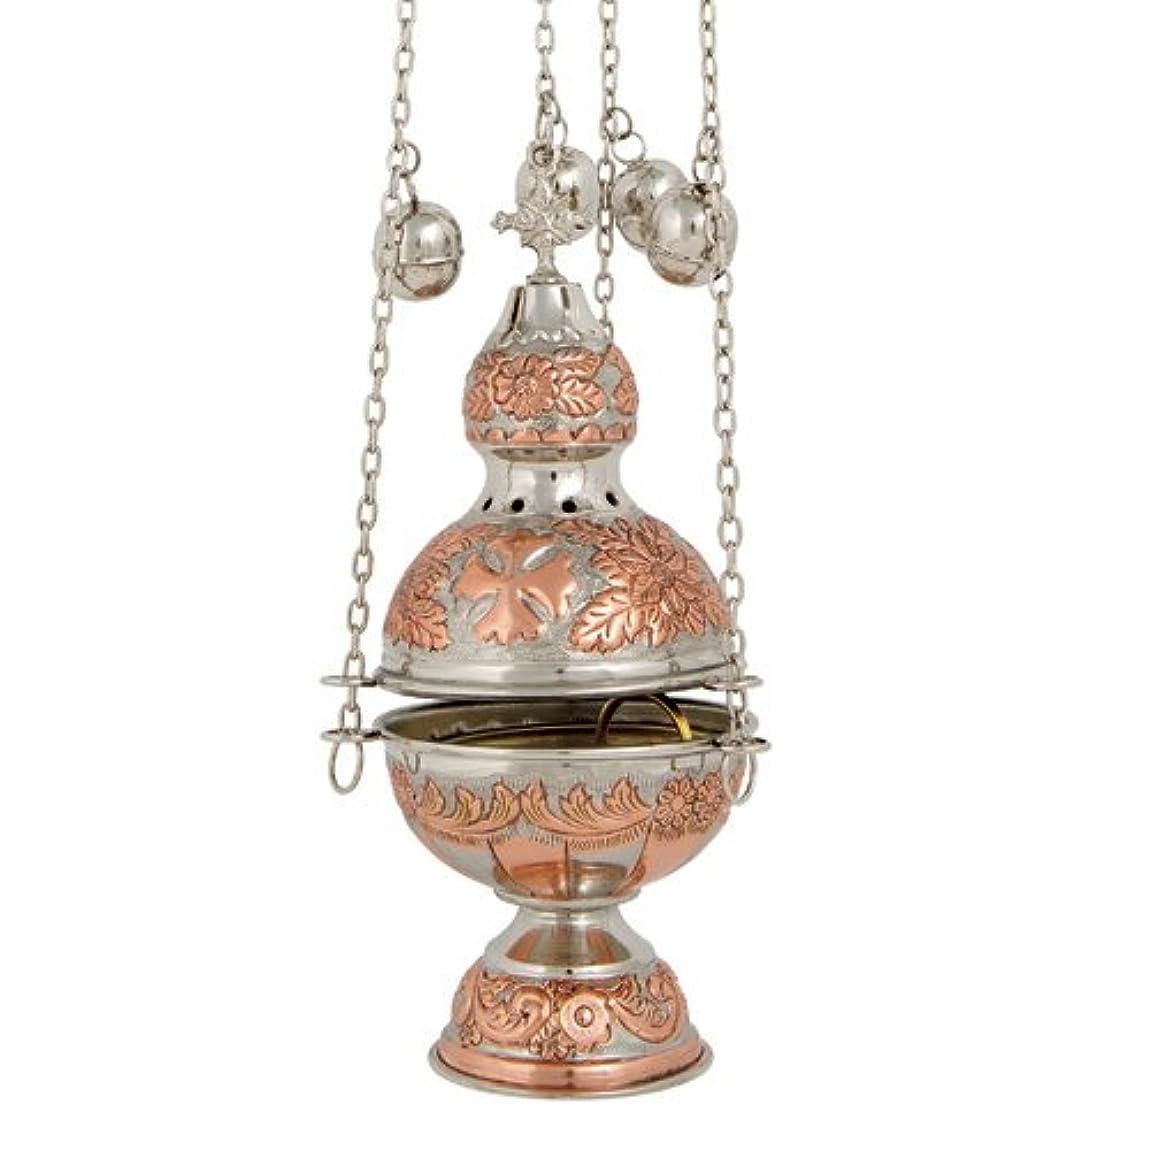 スティーブンソン経済的検閲銅ニッケルメッキ真鍮Christian教会Thurible香炉香炉( 372 CN )